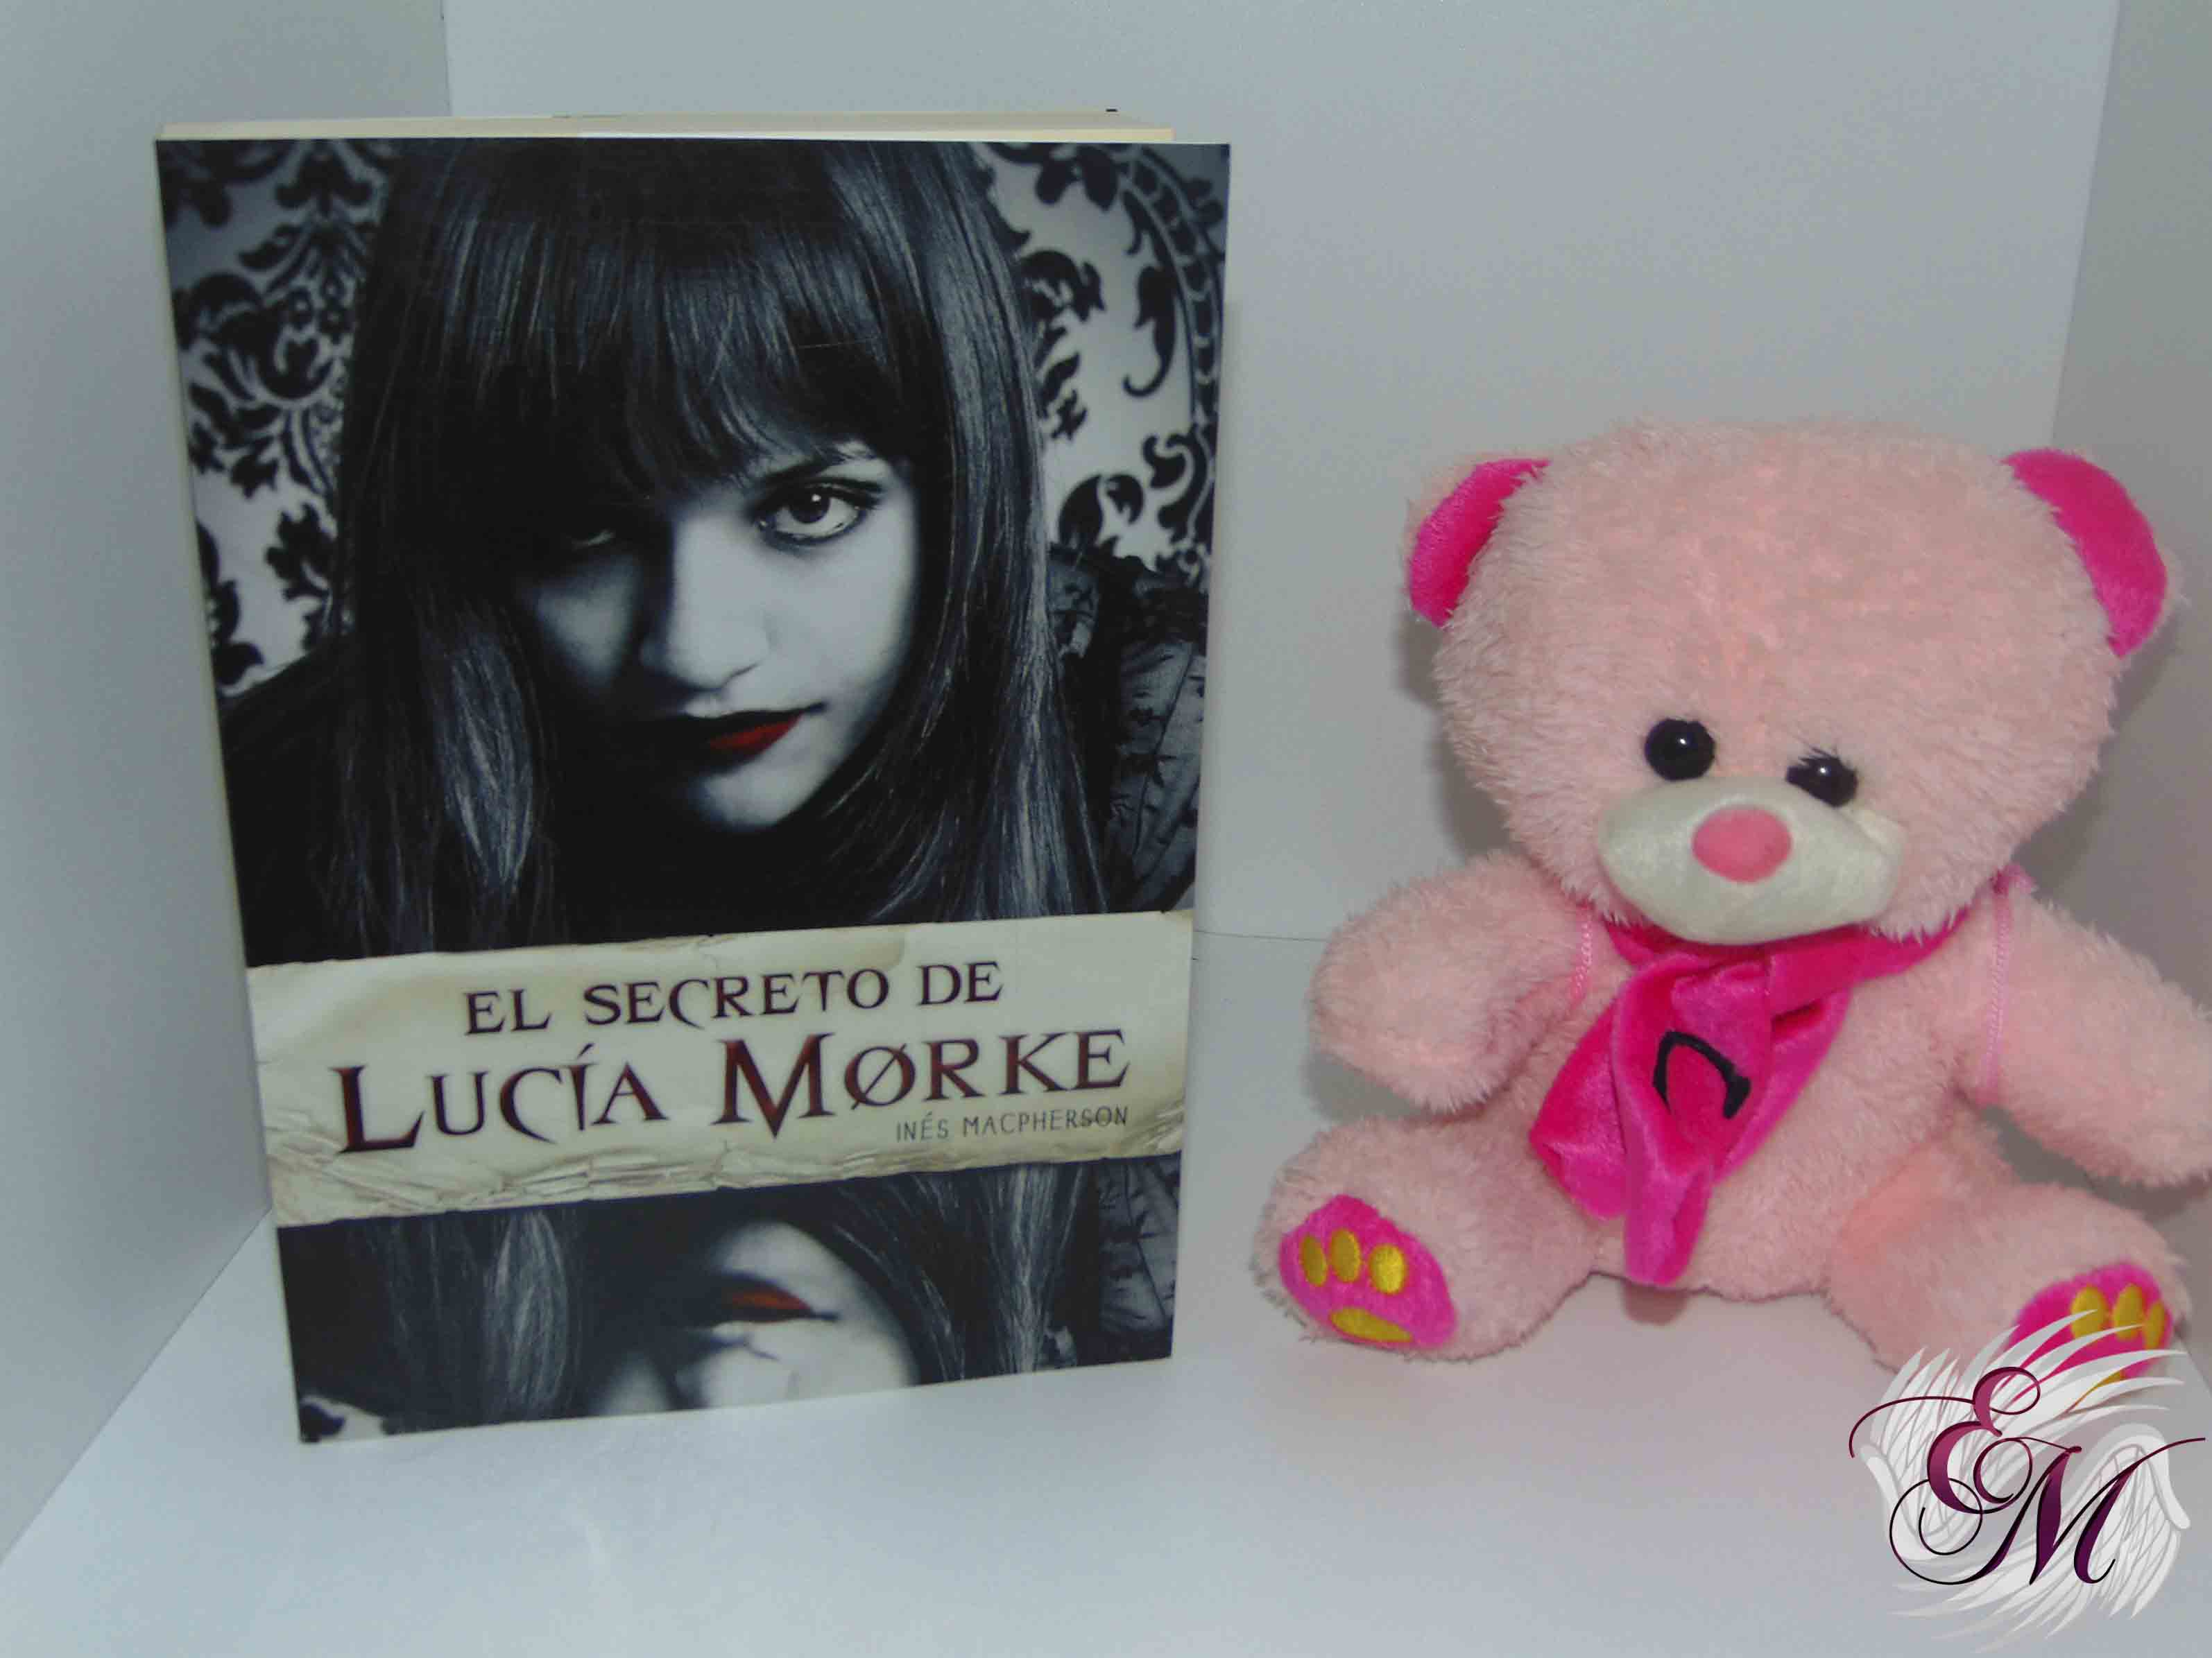 El secreto de Lucía morke, de Ines Macpherson - Reseña